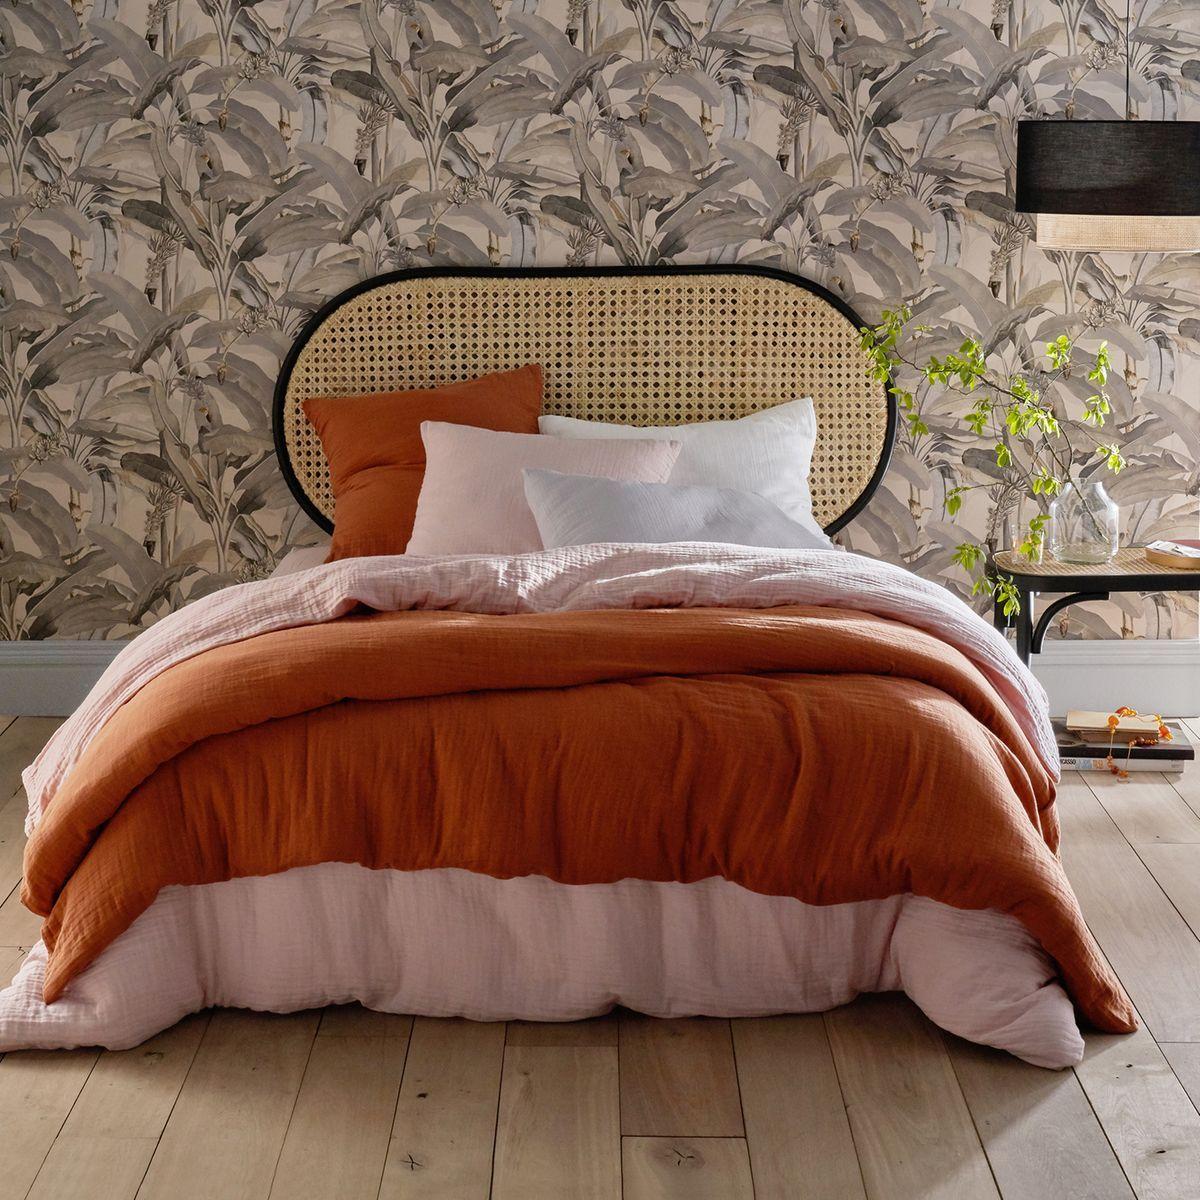 Comment Rendre Sa Chambre Chaleureuse les 616 meilleures images de chambre cosy et confortable en